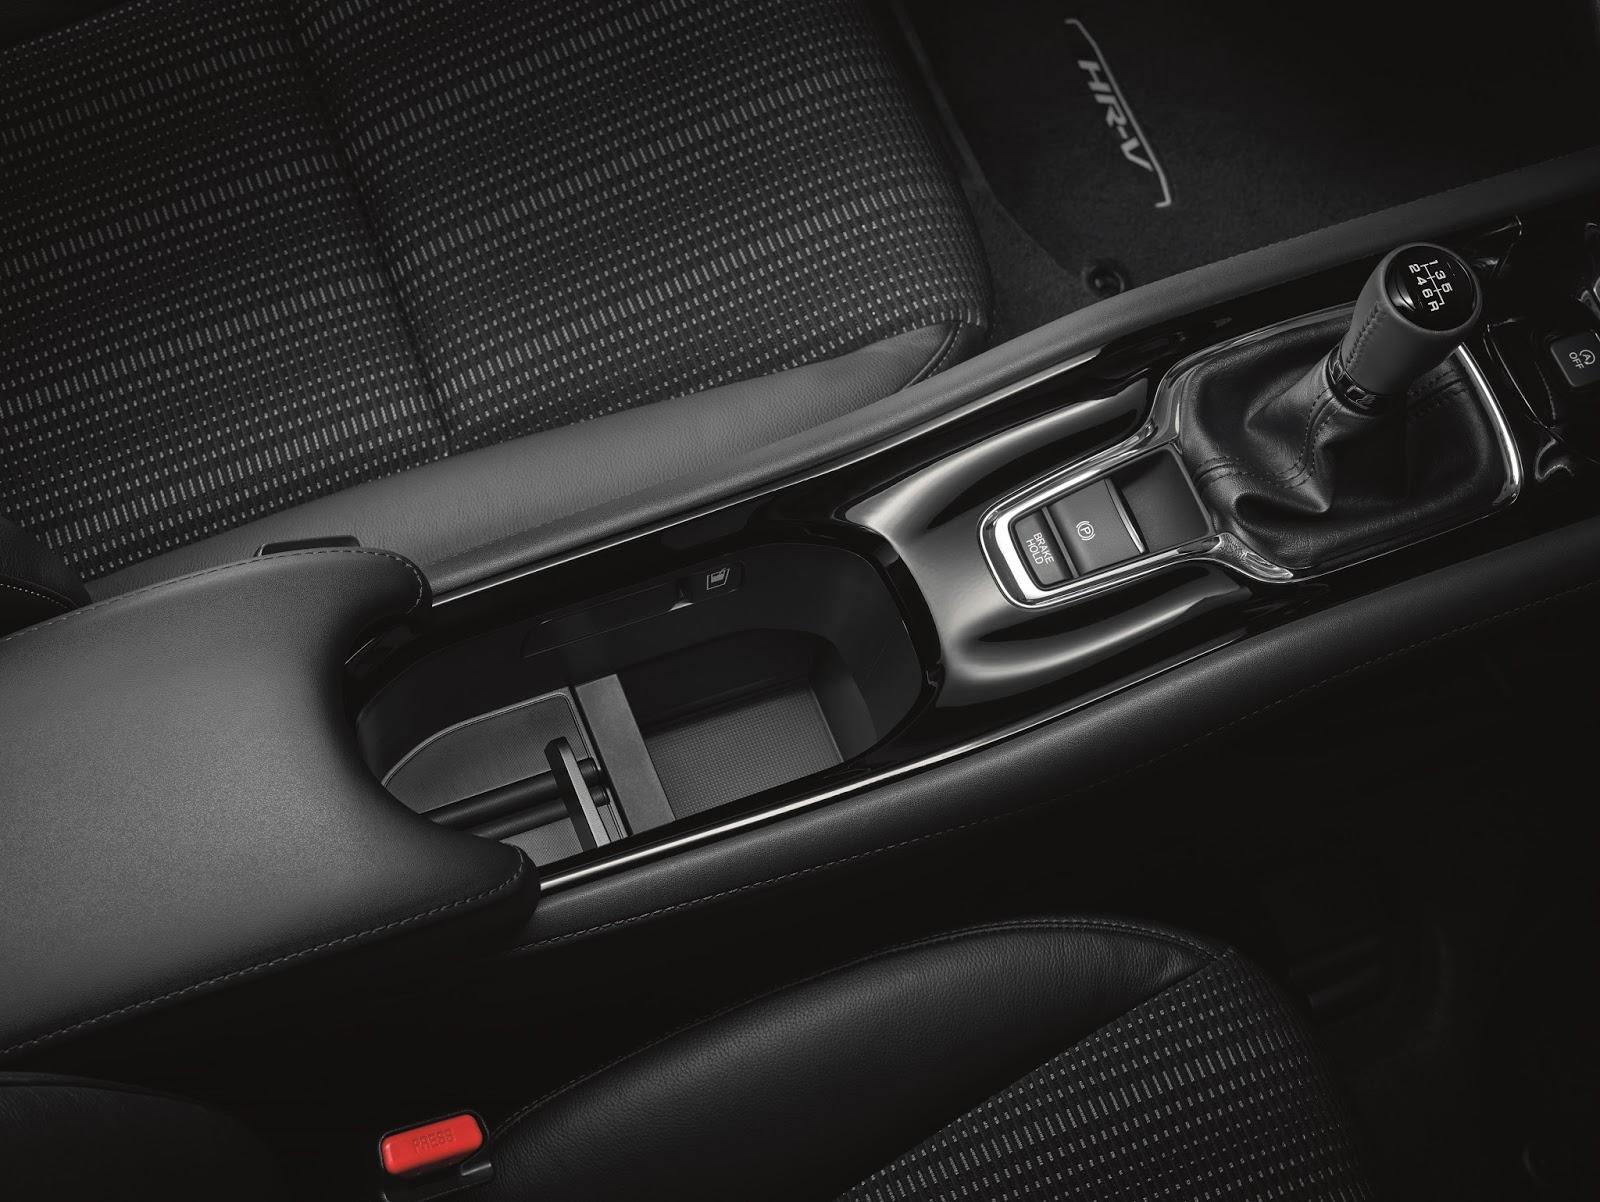 57638 2015 Honda HR V Όλες οι λεπτομέρειες για το νέο Honda HR-V Honda, Honda HR-V, HR-V, SUV